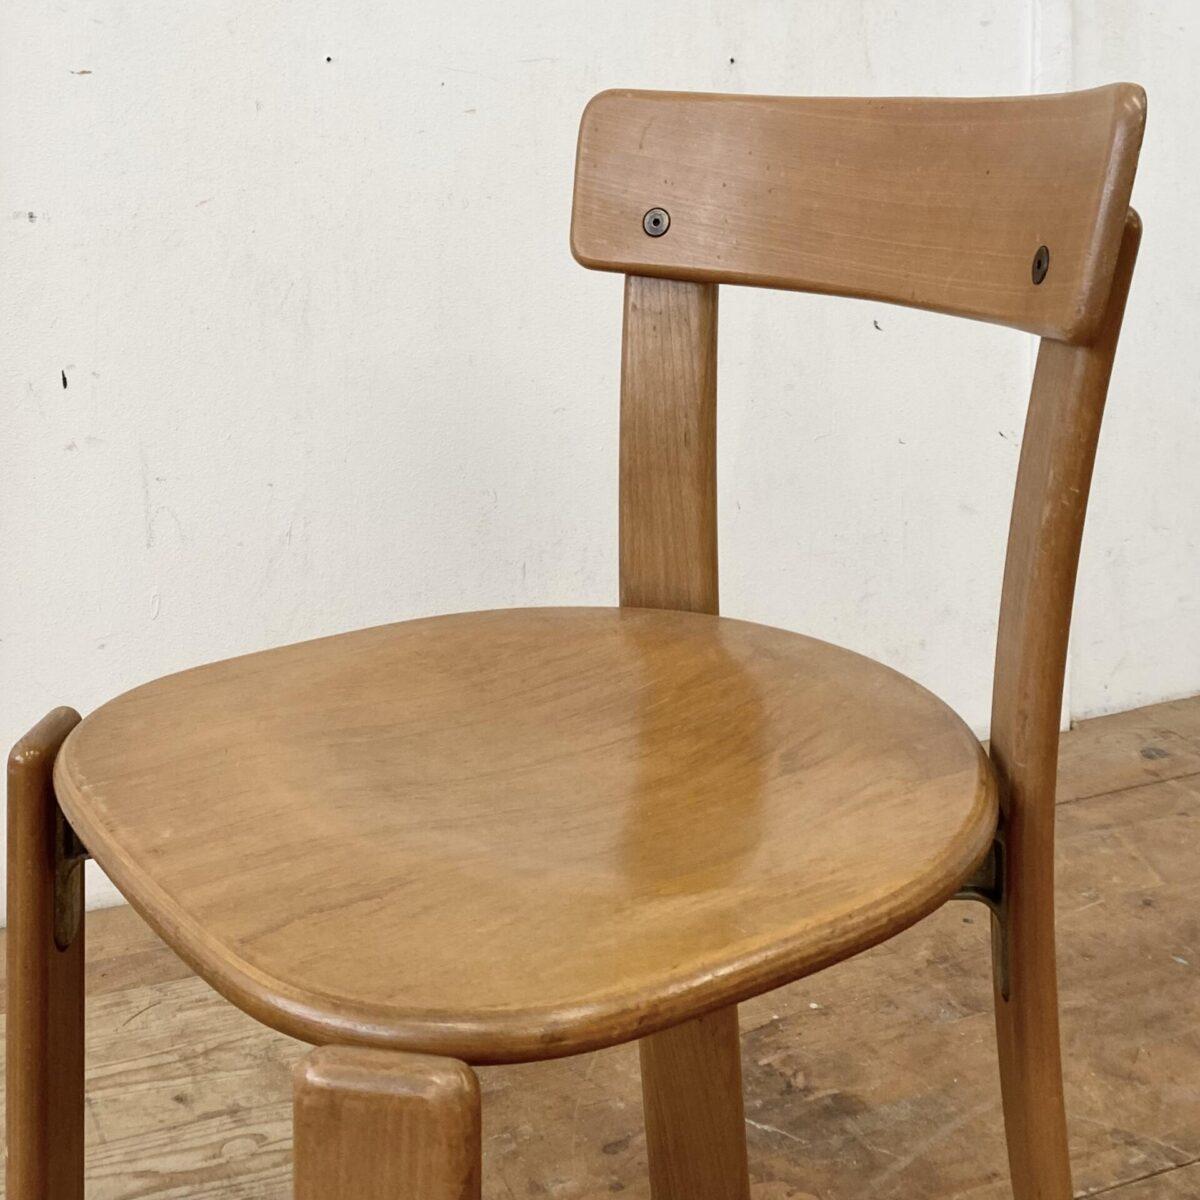 Deuxieme.shop Schweizer Buchenholz Stühle von Dietiker. Stühle aus Stein am Rhein. Preis pro Stuhl. Gebrauchte Qualitätsstühle mit diversen Gebrauchsspuren und Patina in stabilem Zustand.